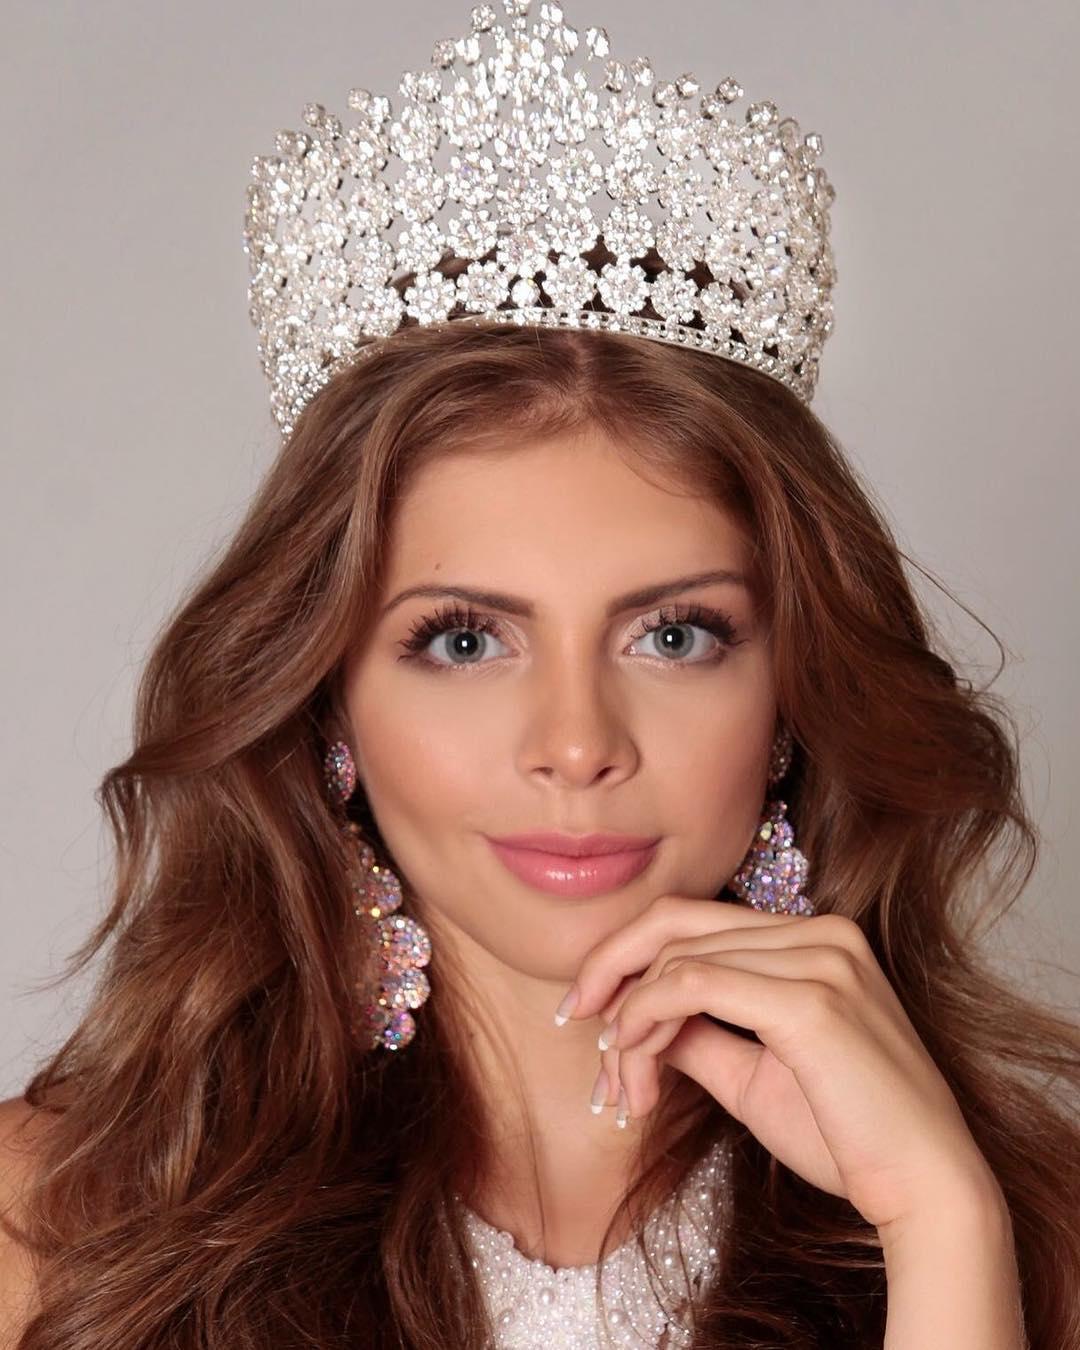 miss teen brasil 2017: izadora maitan. Ucblfwni